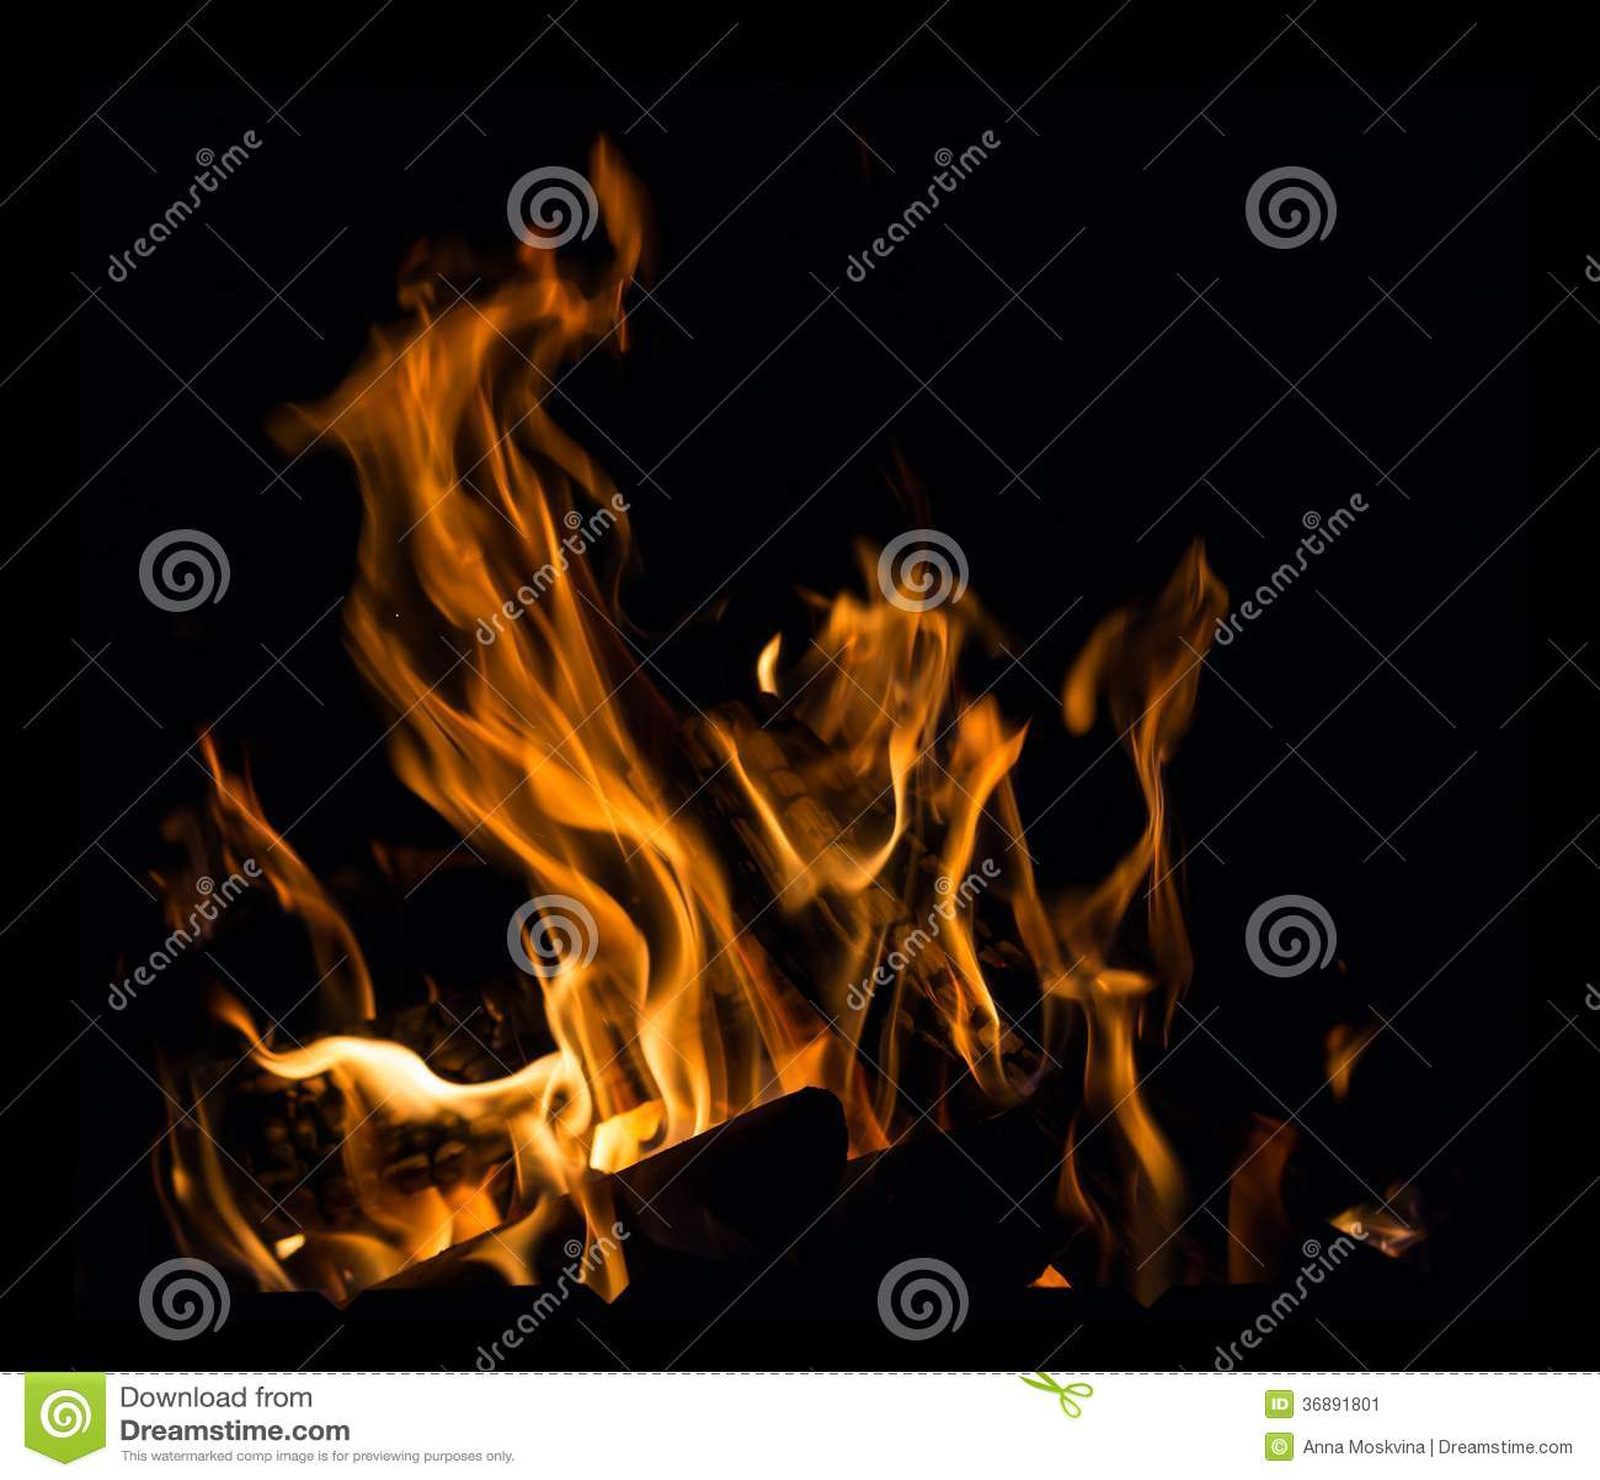 Download Fuoco in un camino immagine stock. Immagine di carbone - 36891801